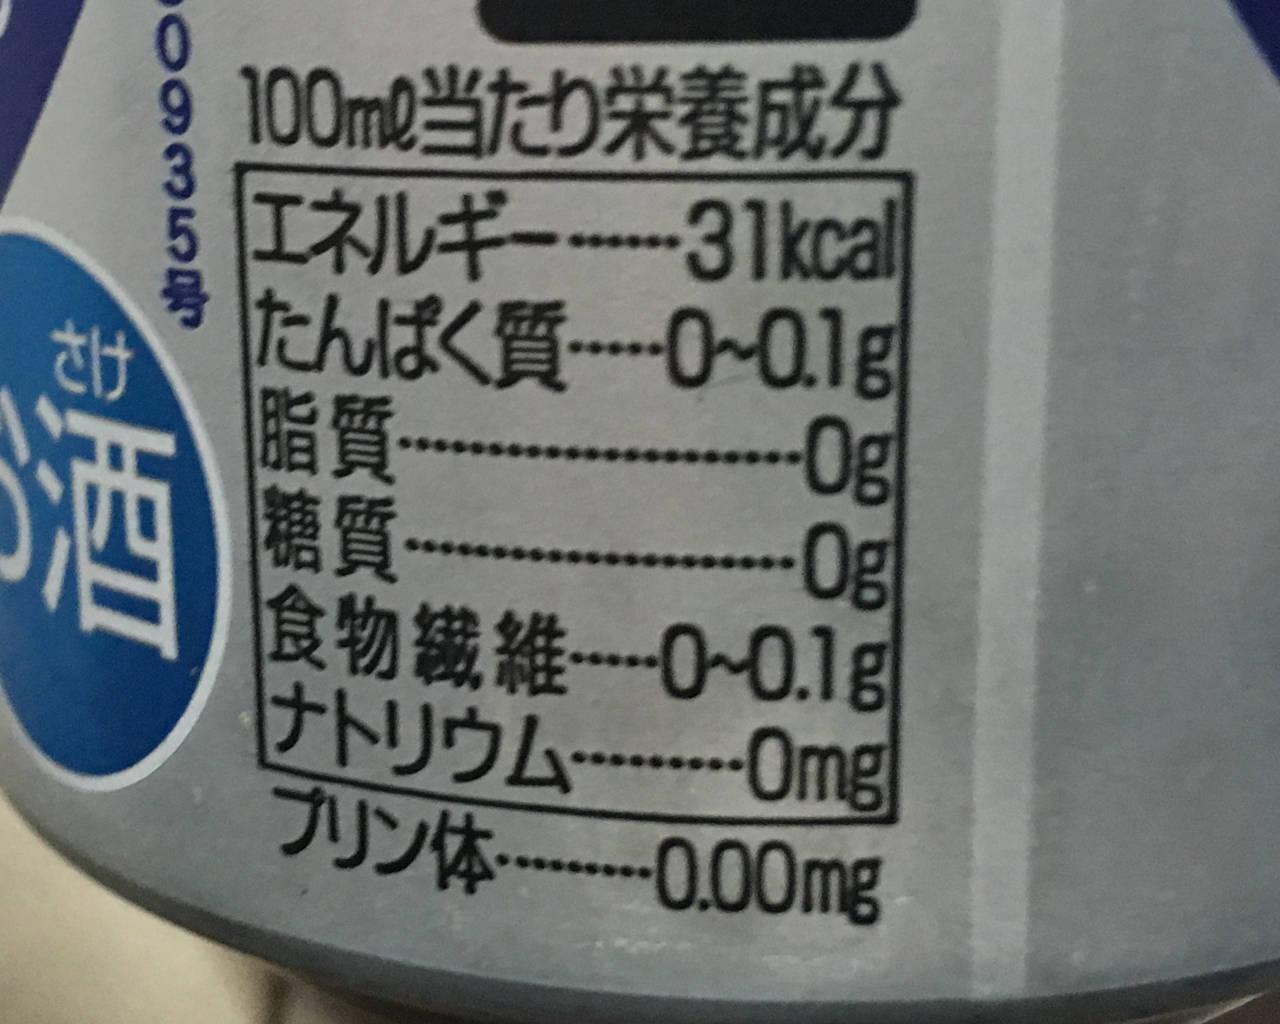 栄養成分表示:淡麗プラチナダブル|ビール・発泡酒・新ジャンル|キリン